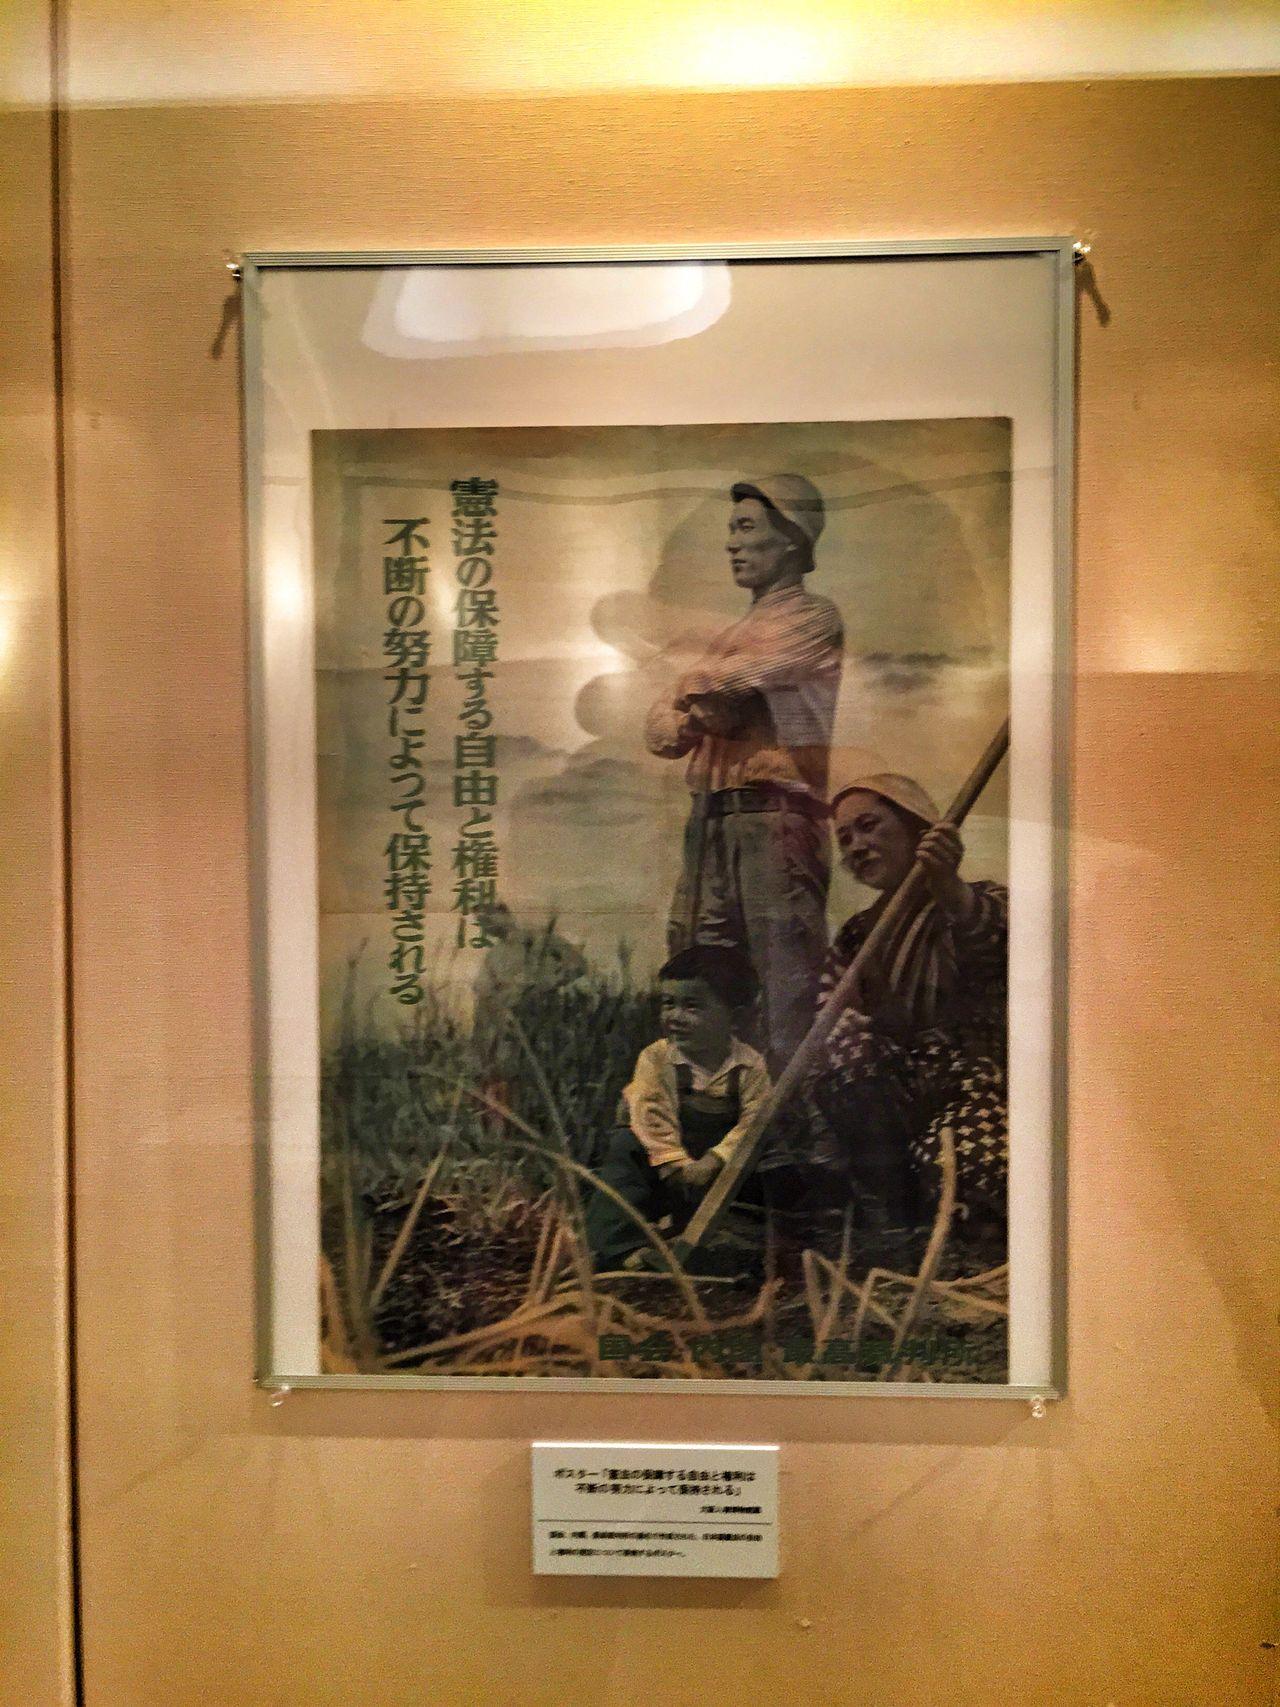 日本国憲法は土佐自由党の伝統の精神を引き継いでいる